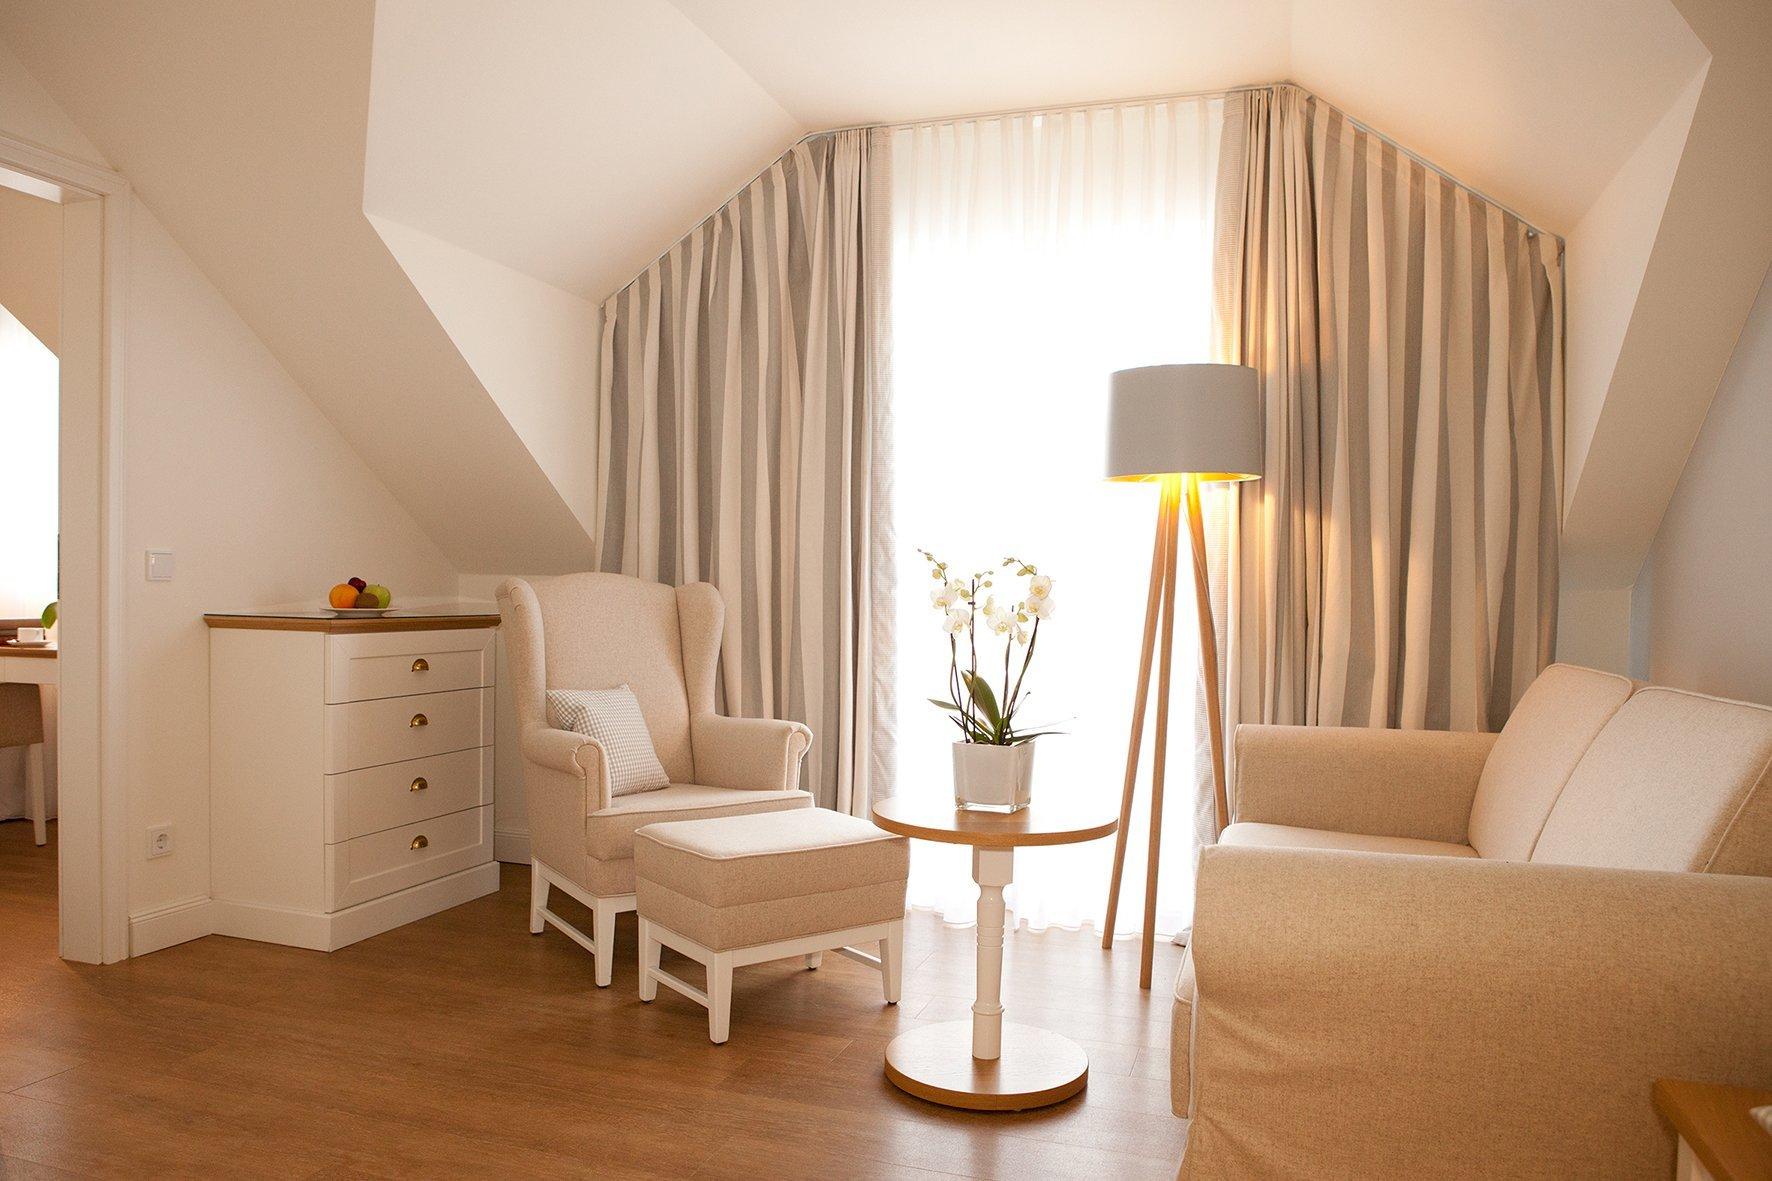 Wohnzimmer junior suite quelle c hotel restaurant fuchsbau for Wohnzimmer heilbronn